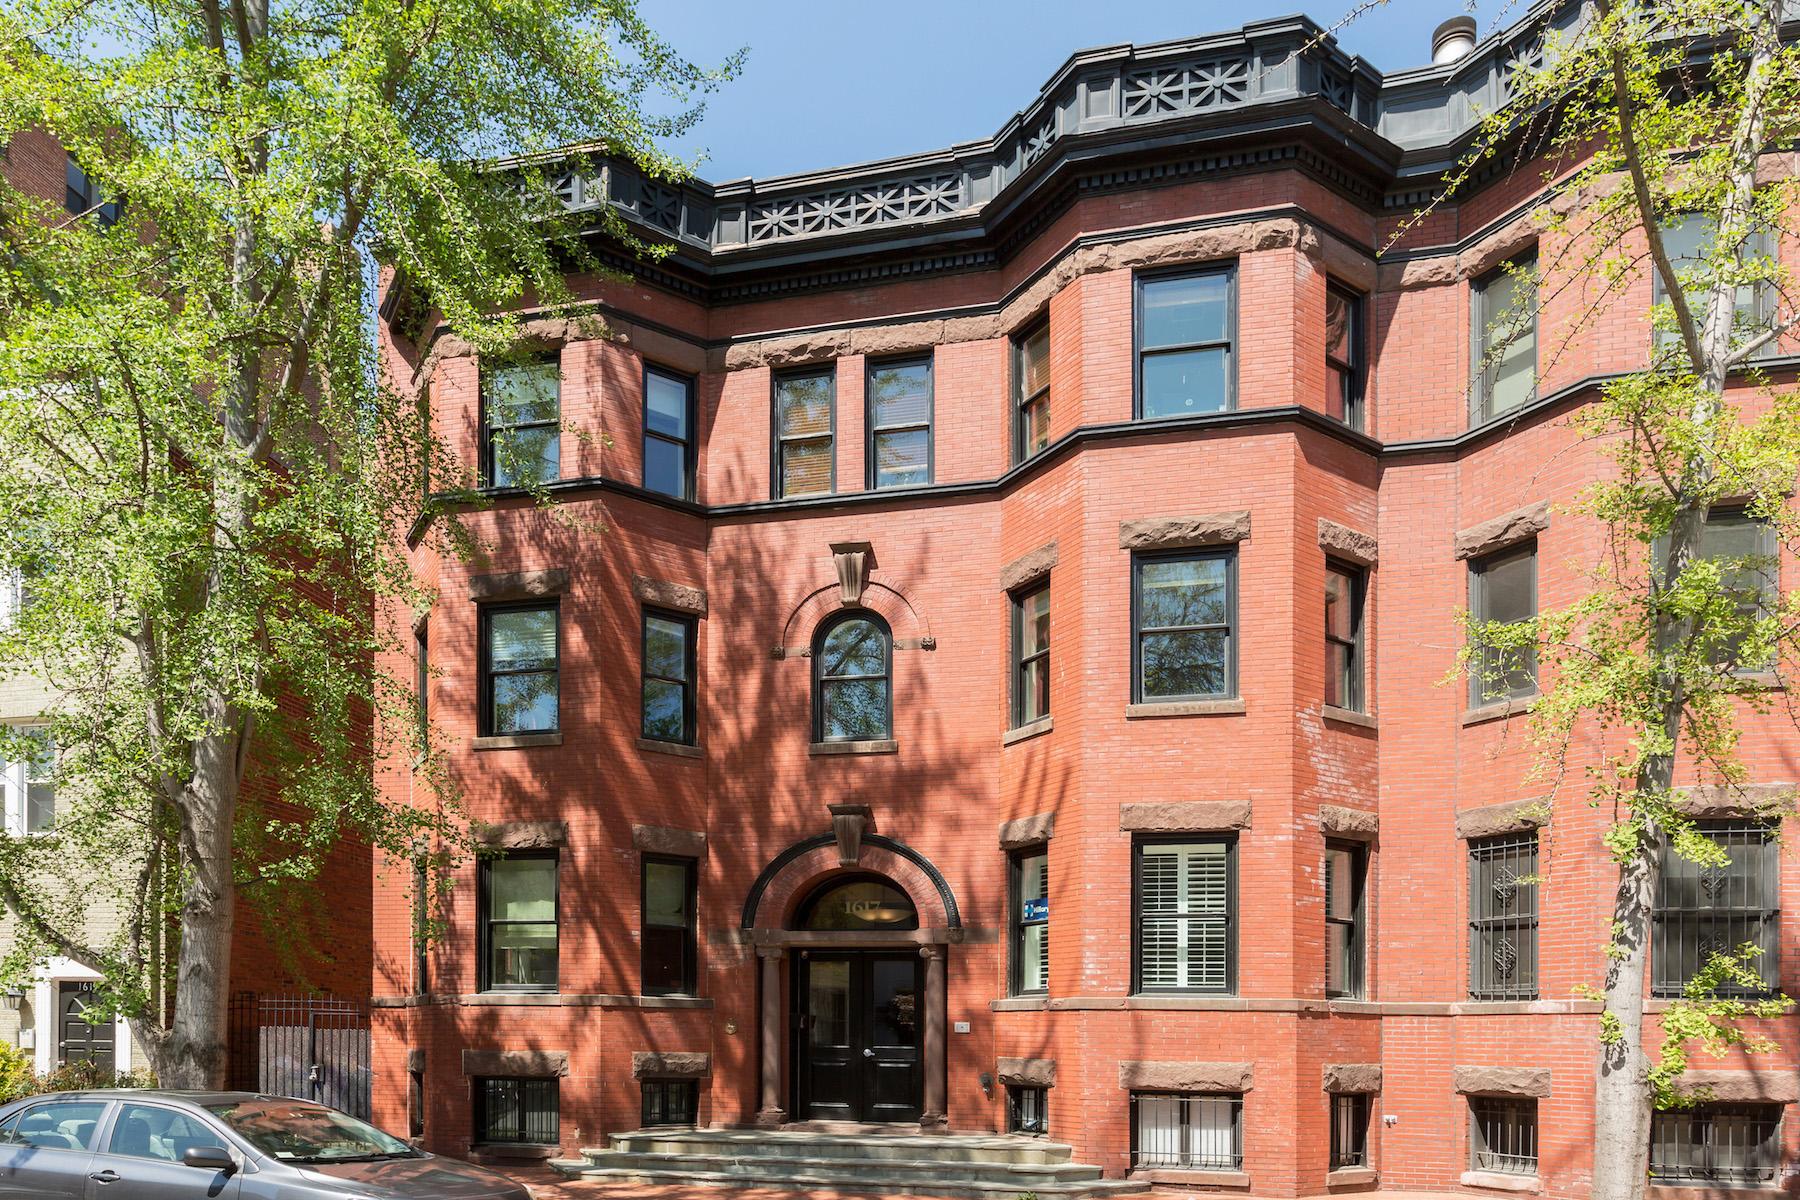 Eigentumswohnung für Verkauf beim Unique Penthouse on Swann Street 1617 Swann Street Nw 6 Washington, District Of Columbia, 20009 Vereinigte Staaten